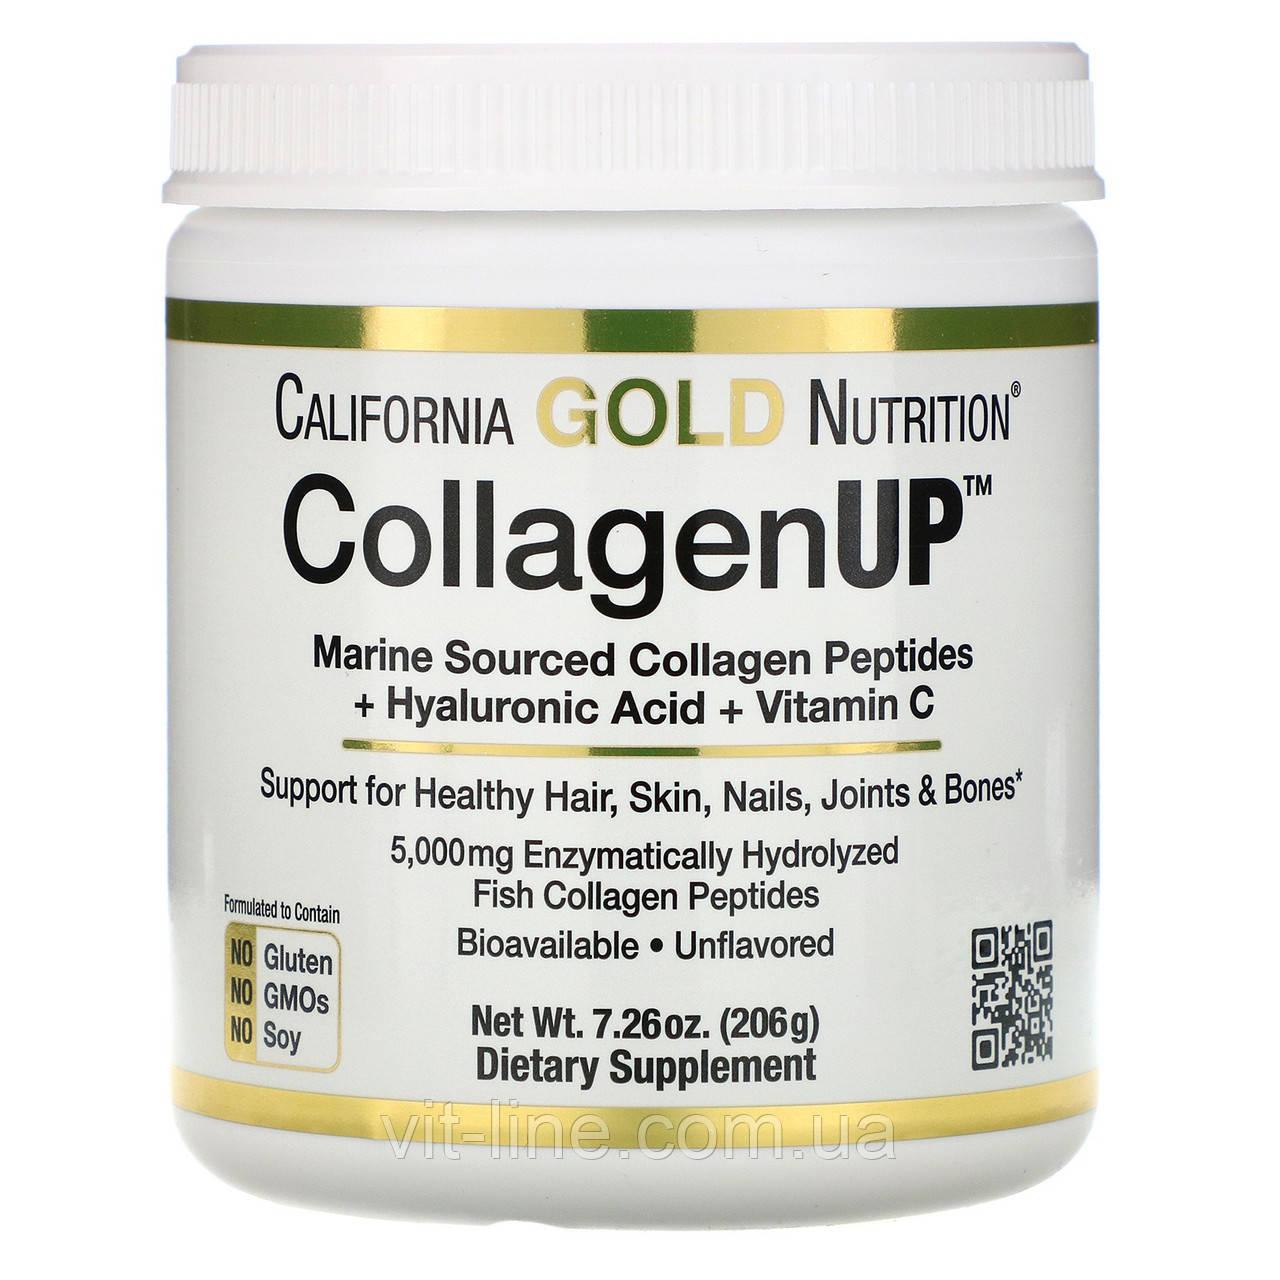 Коллаген морской рыбий с гиалуроновой кислотой и витамином С California Gold Nutrition 206грамм